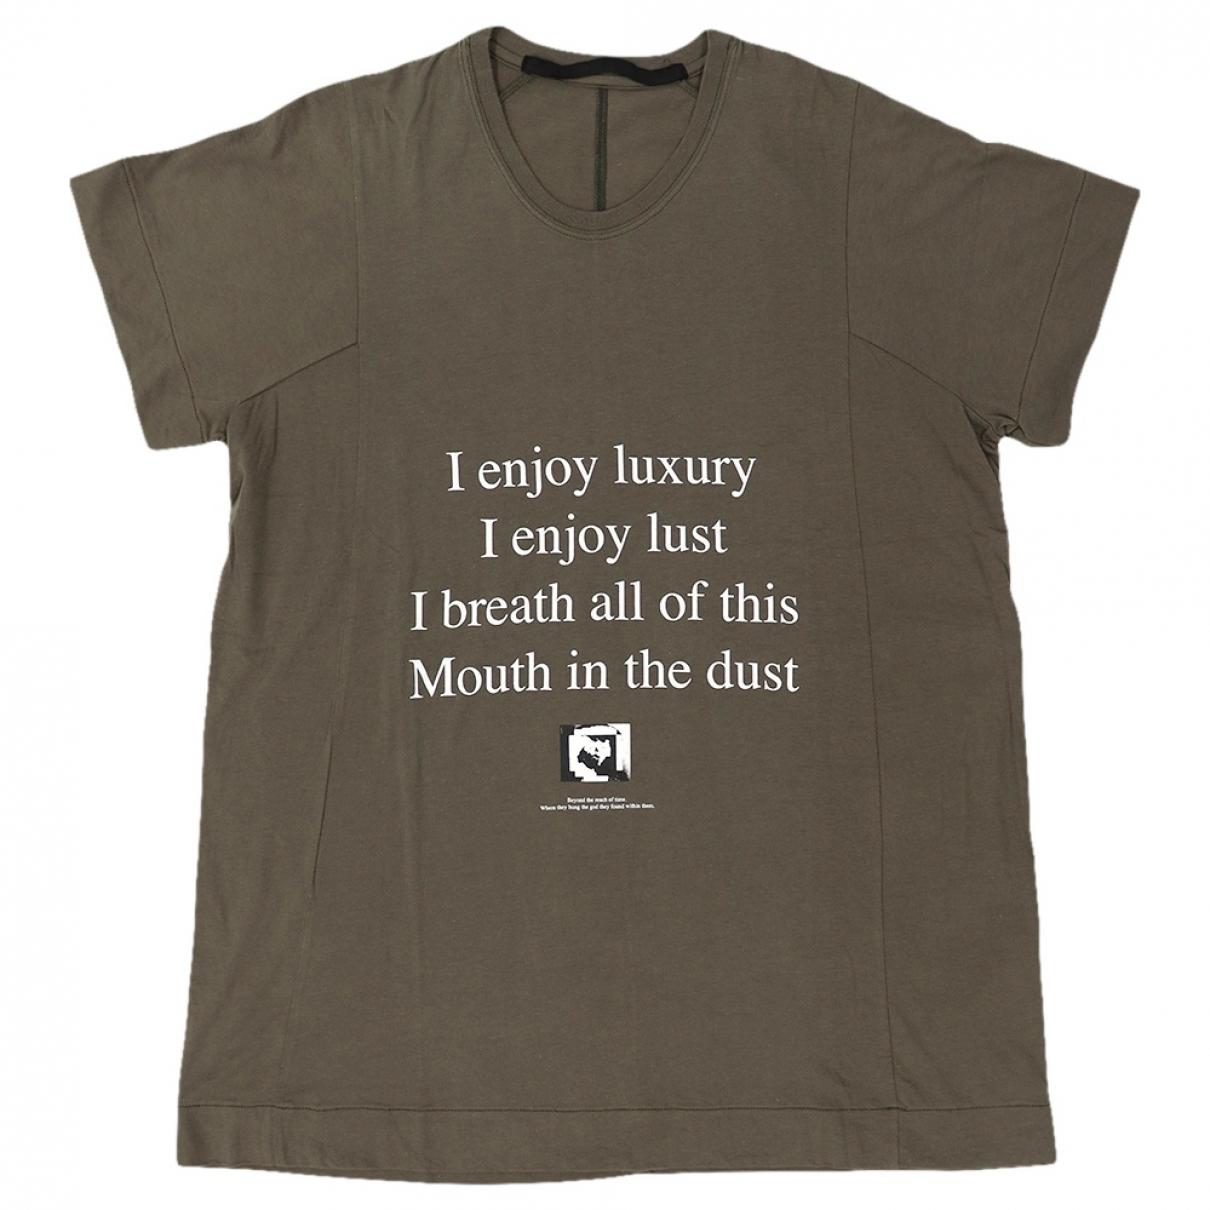 Julius 7 \N T-Shirts Beige